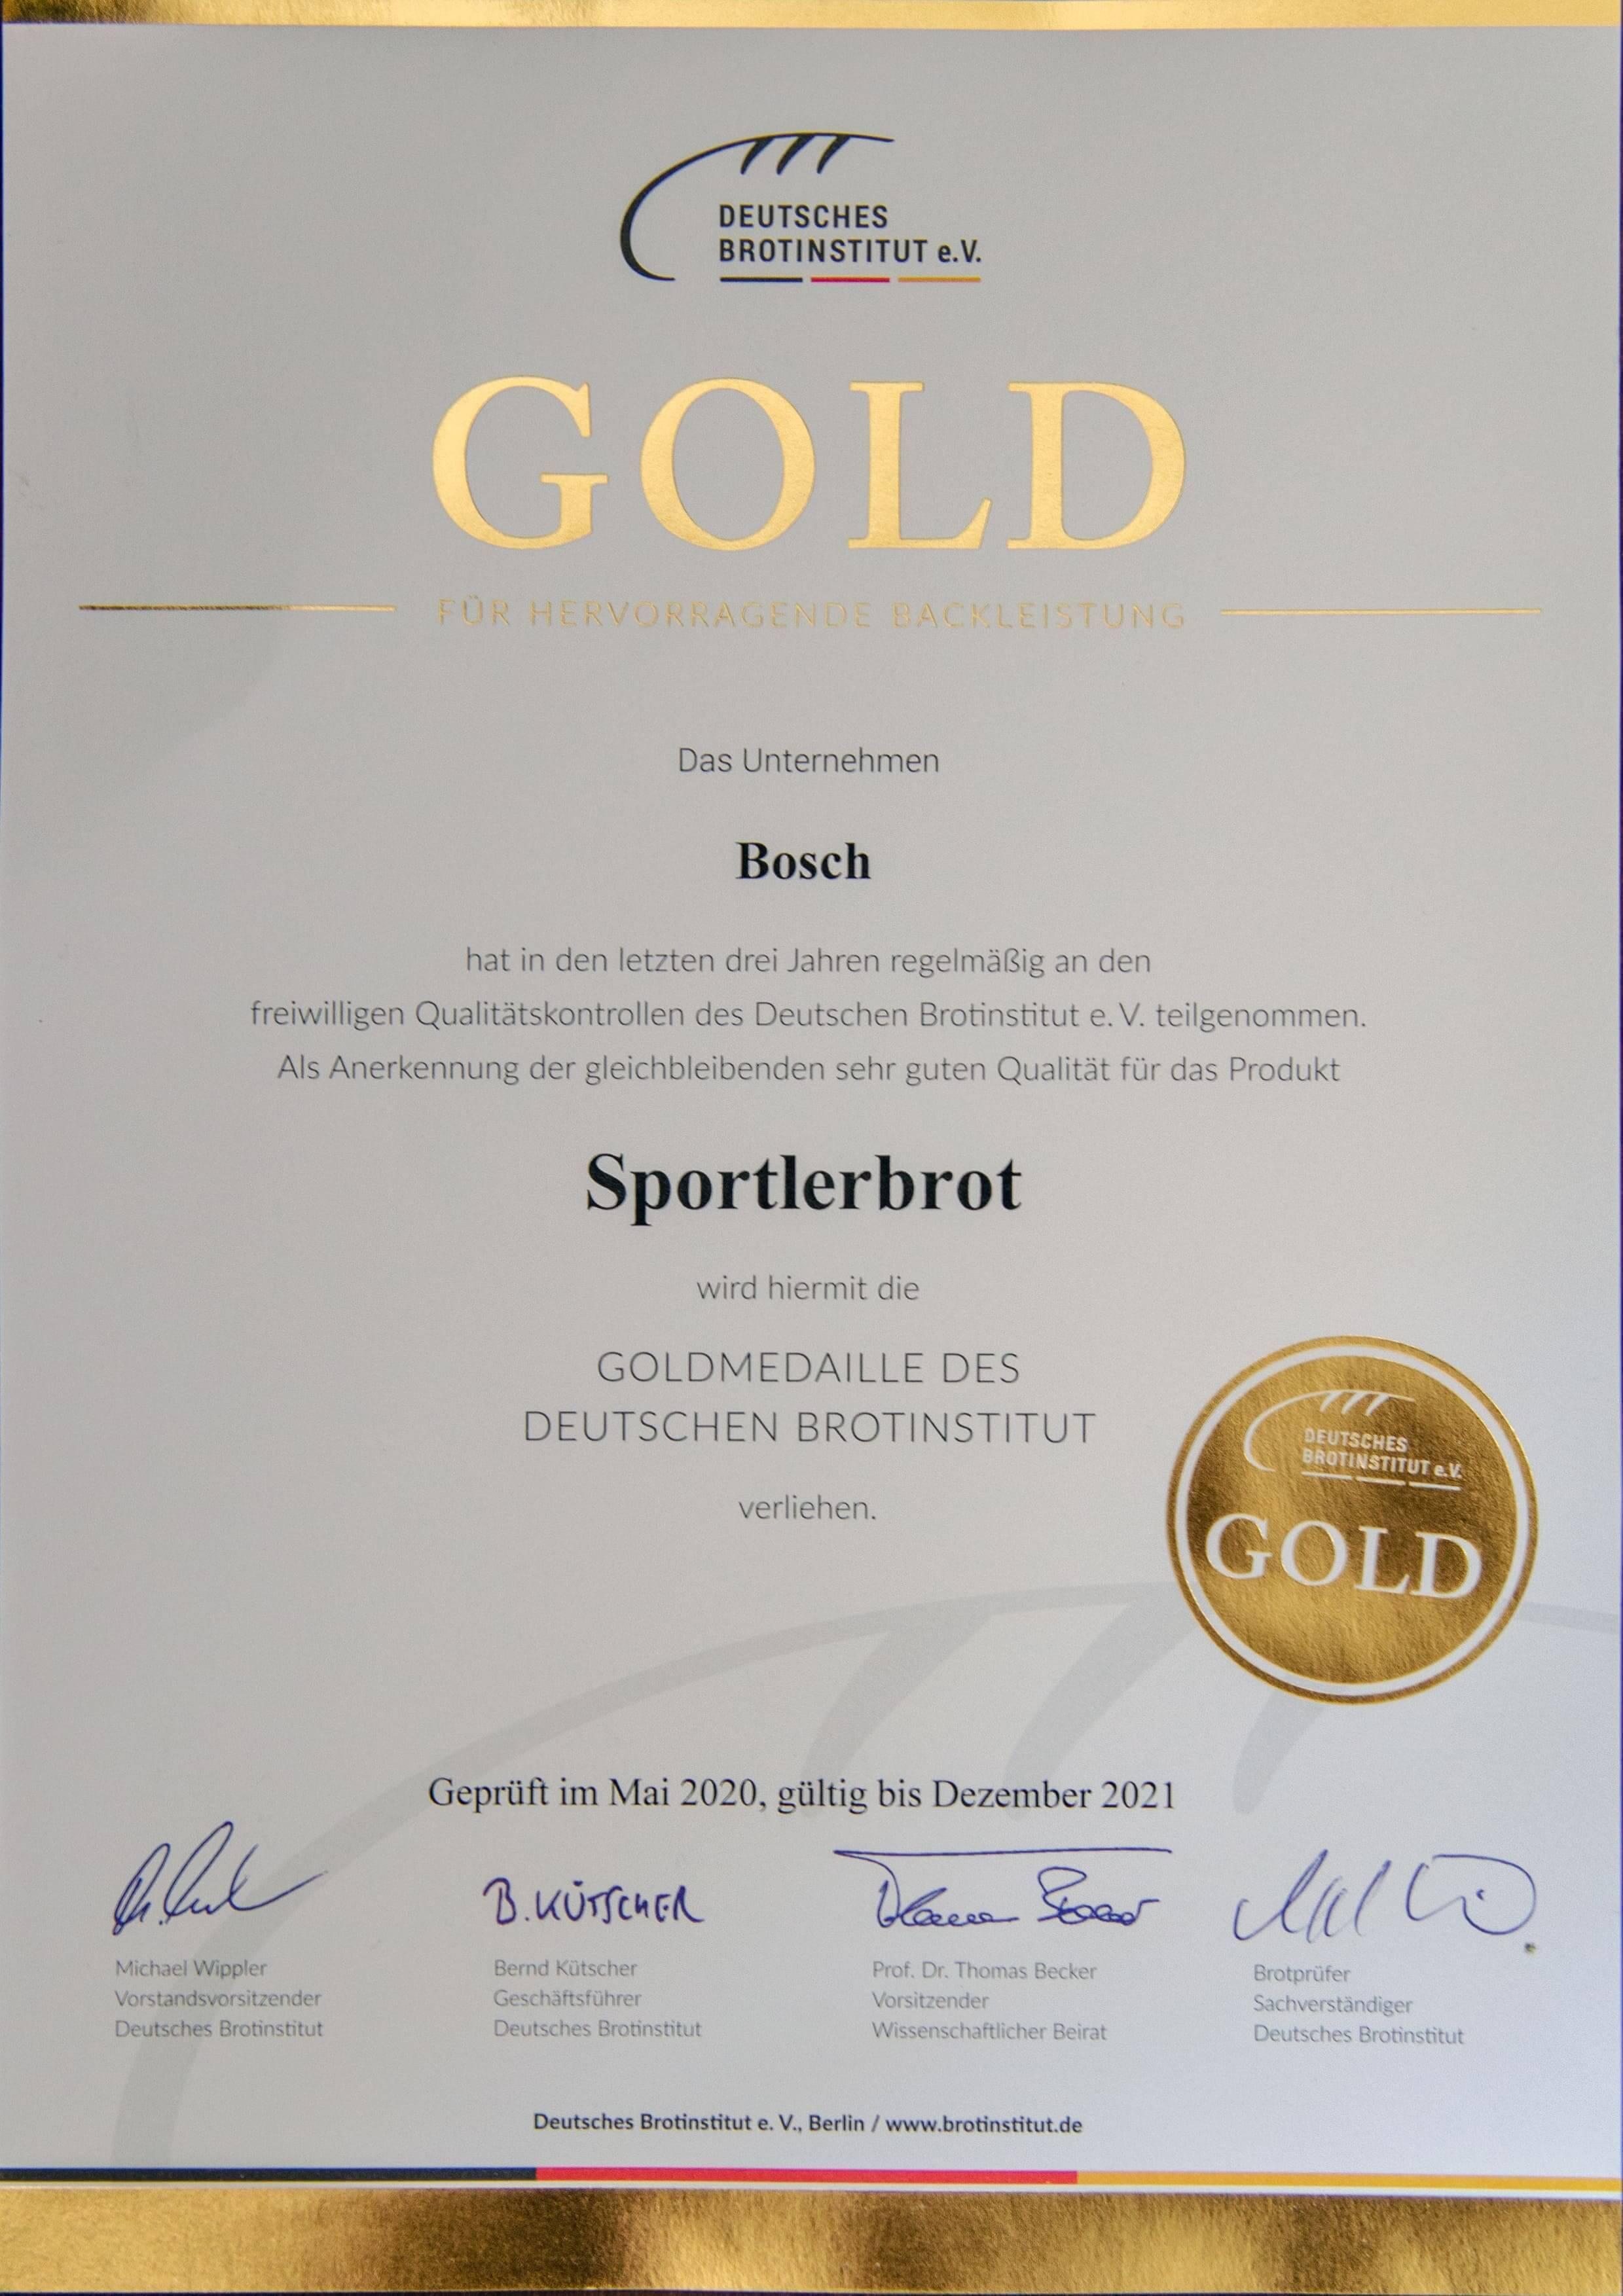 baeckerei_bosch_zertifikat_sportlerbrot